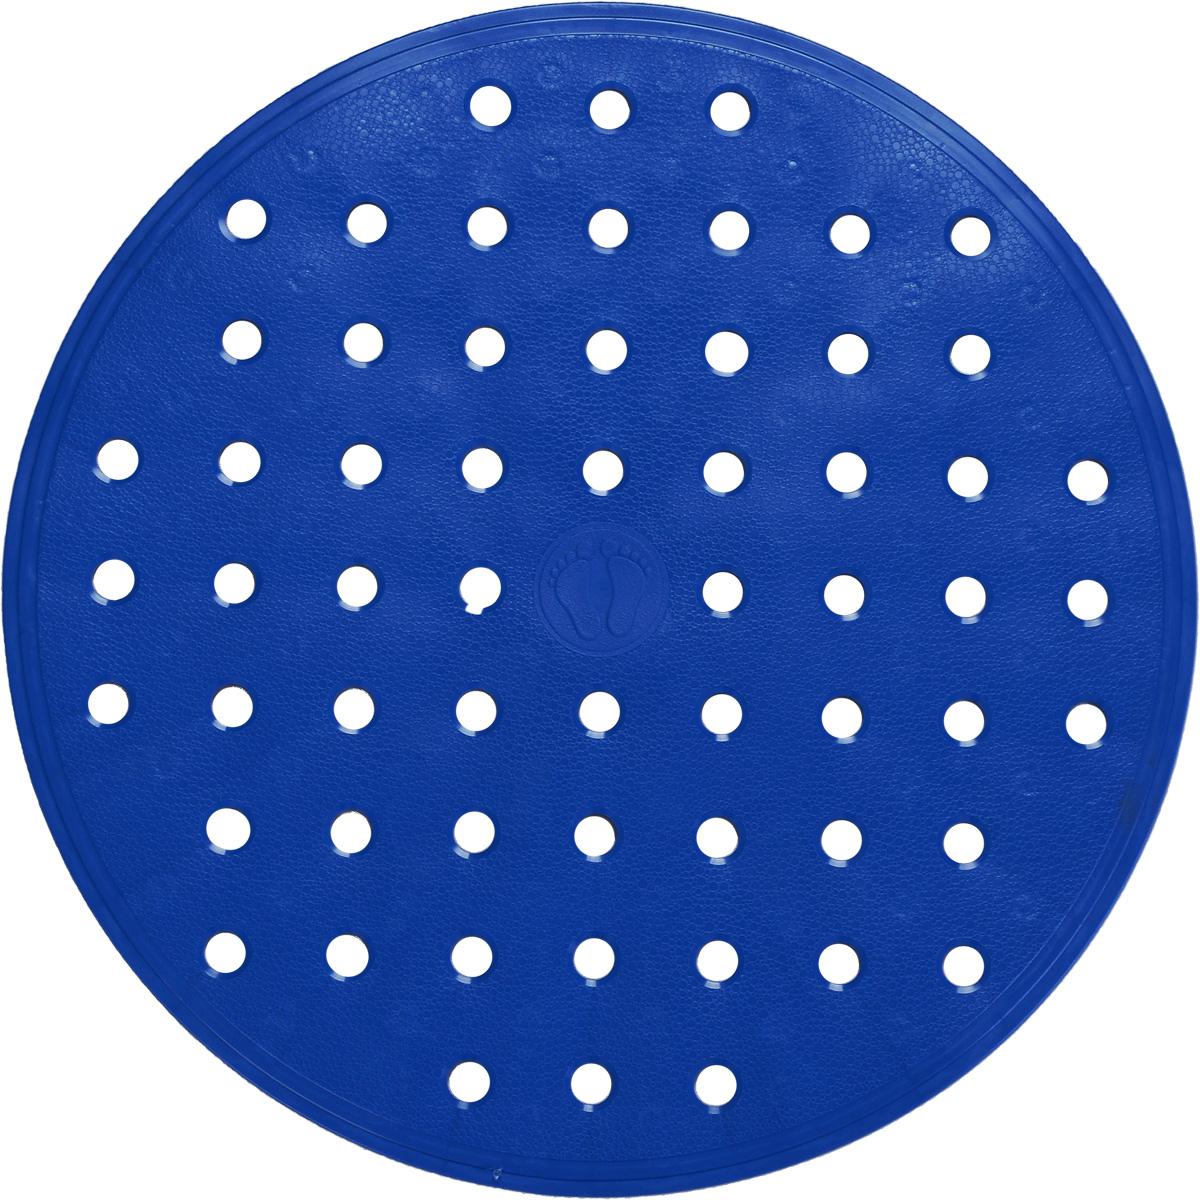 Коврик для ванной Ridder Action, противоскользящий, цвет: синий, диаметр 53 см167223_синийКоврик для ванной Ridder Action, изготовленный из каучука с защитой от плесени и грибка, создает комфортное антискользящее покрытие в ванной комнате. Крепится к поверхности при помощи присосок. Изделие удобно в использовании и легко моется теплой водой. Размеры коврика: 53 х 53 х 0,5 см